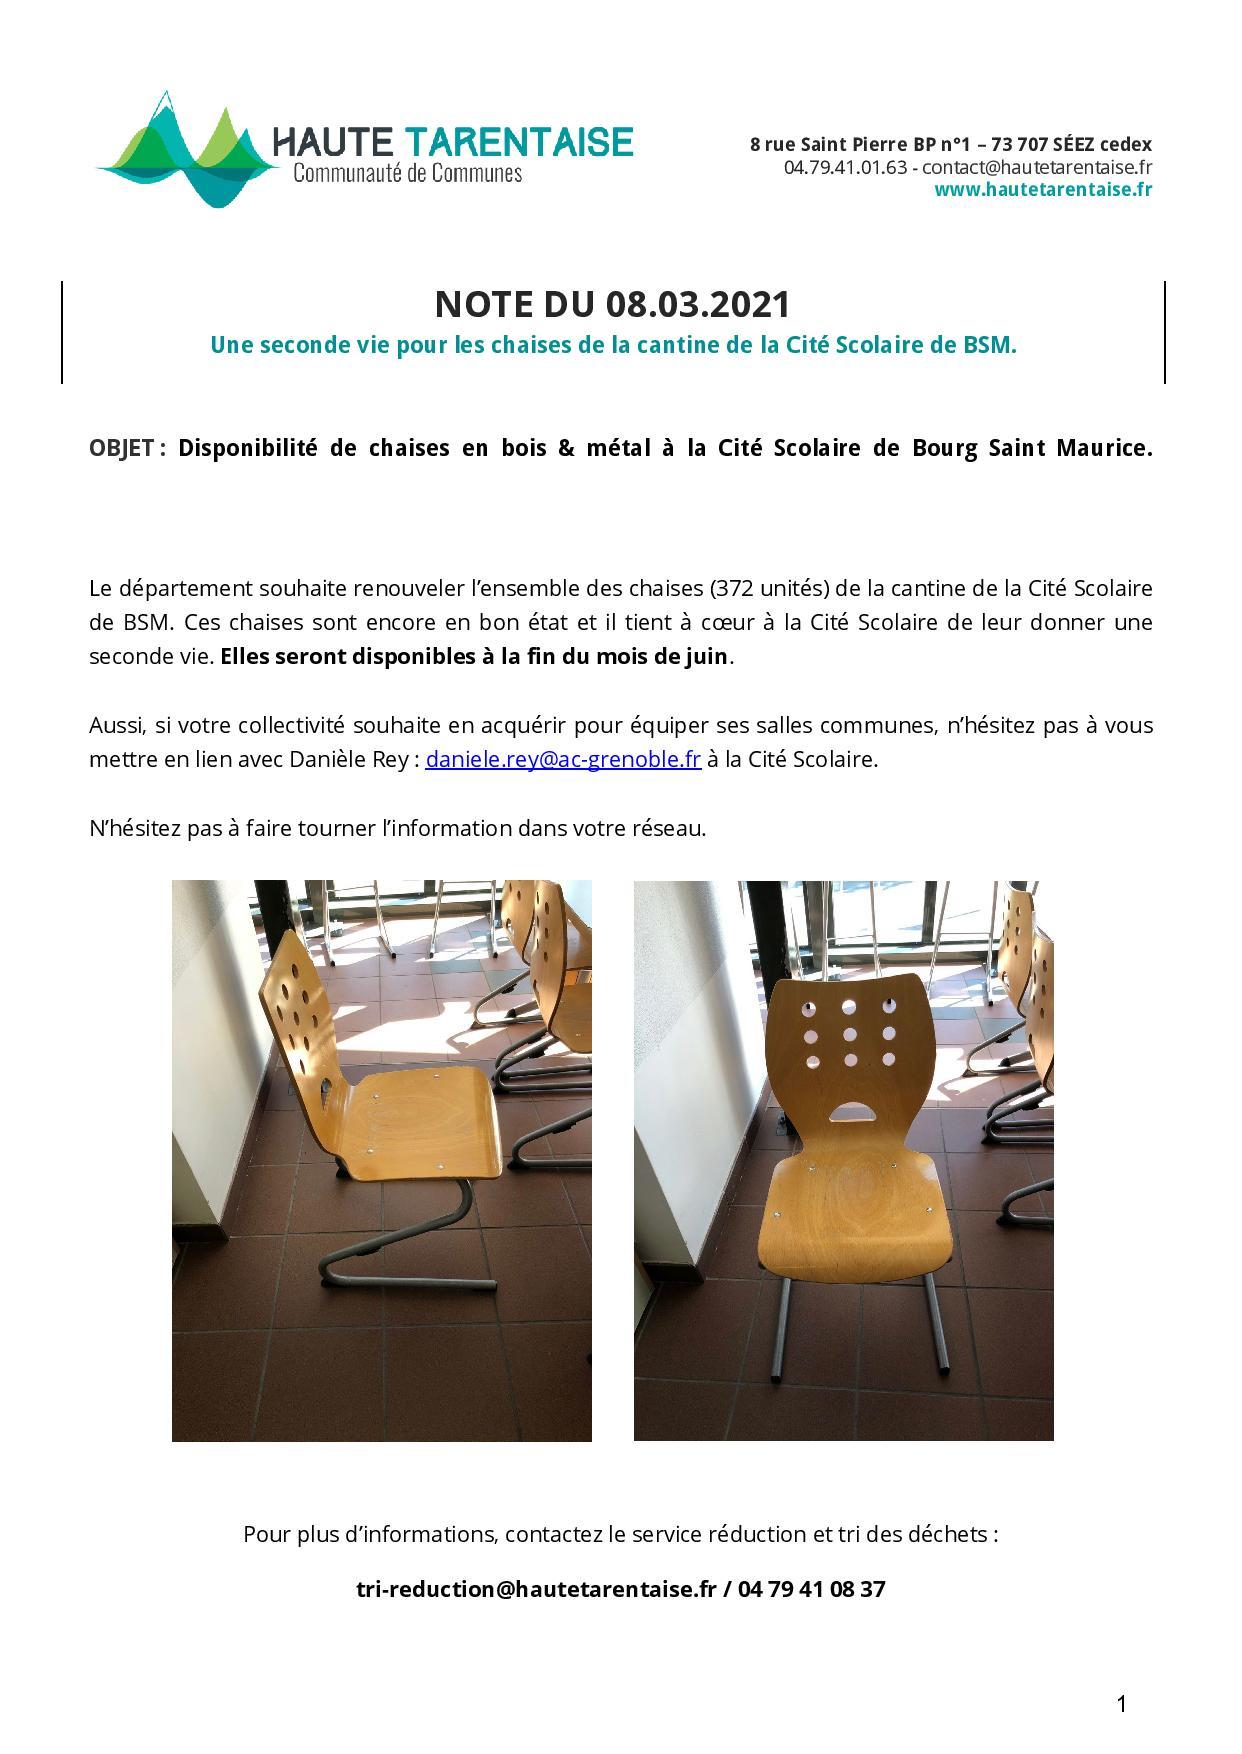 chaises_Cité_scolaire-page-001.jpg